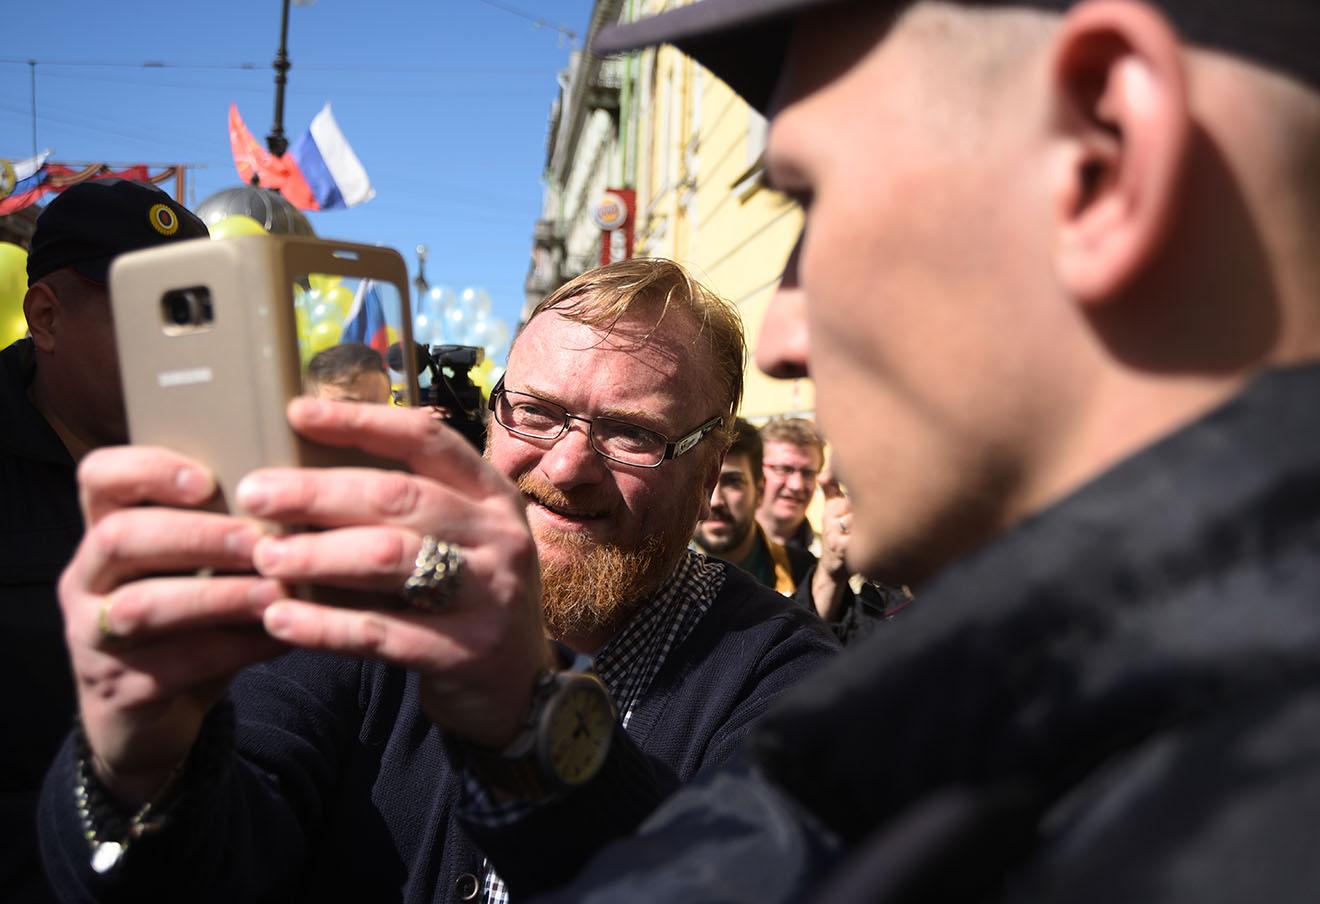 Виталий Милонов. Фото: Сергей Николаев / Интерпресс / ТАСС